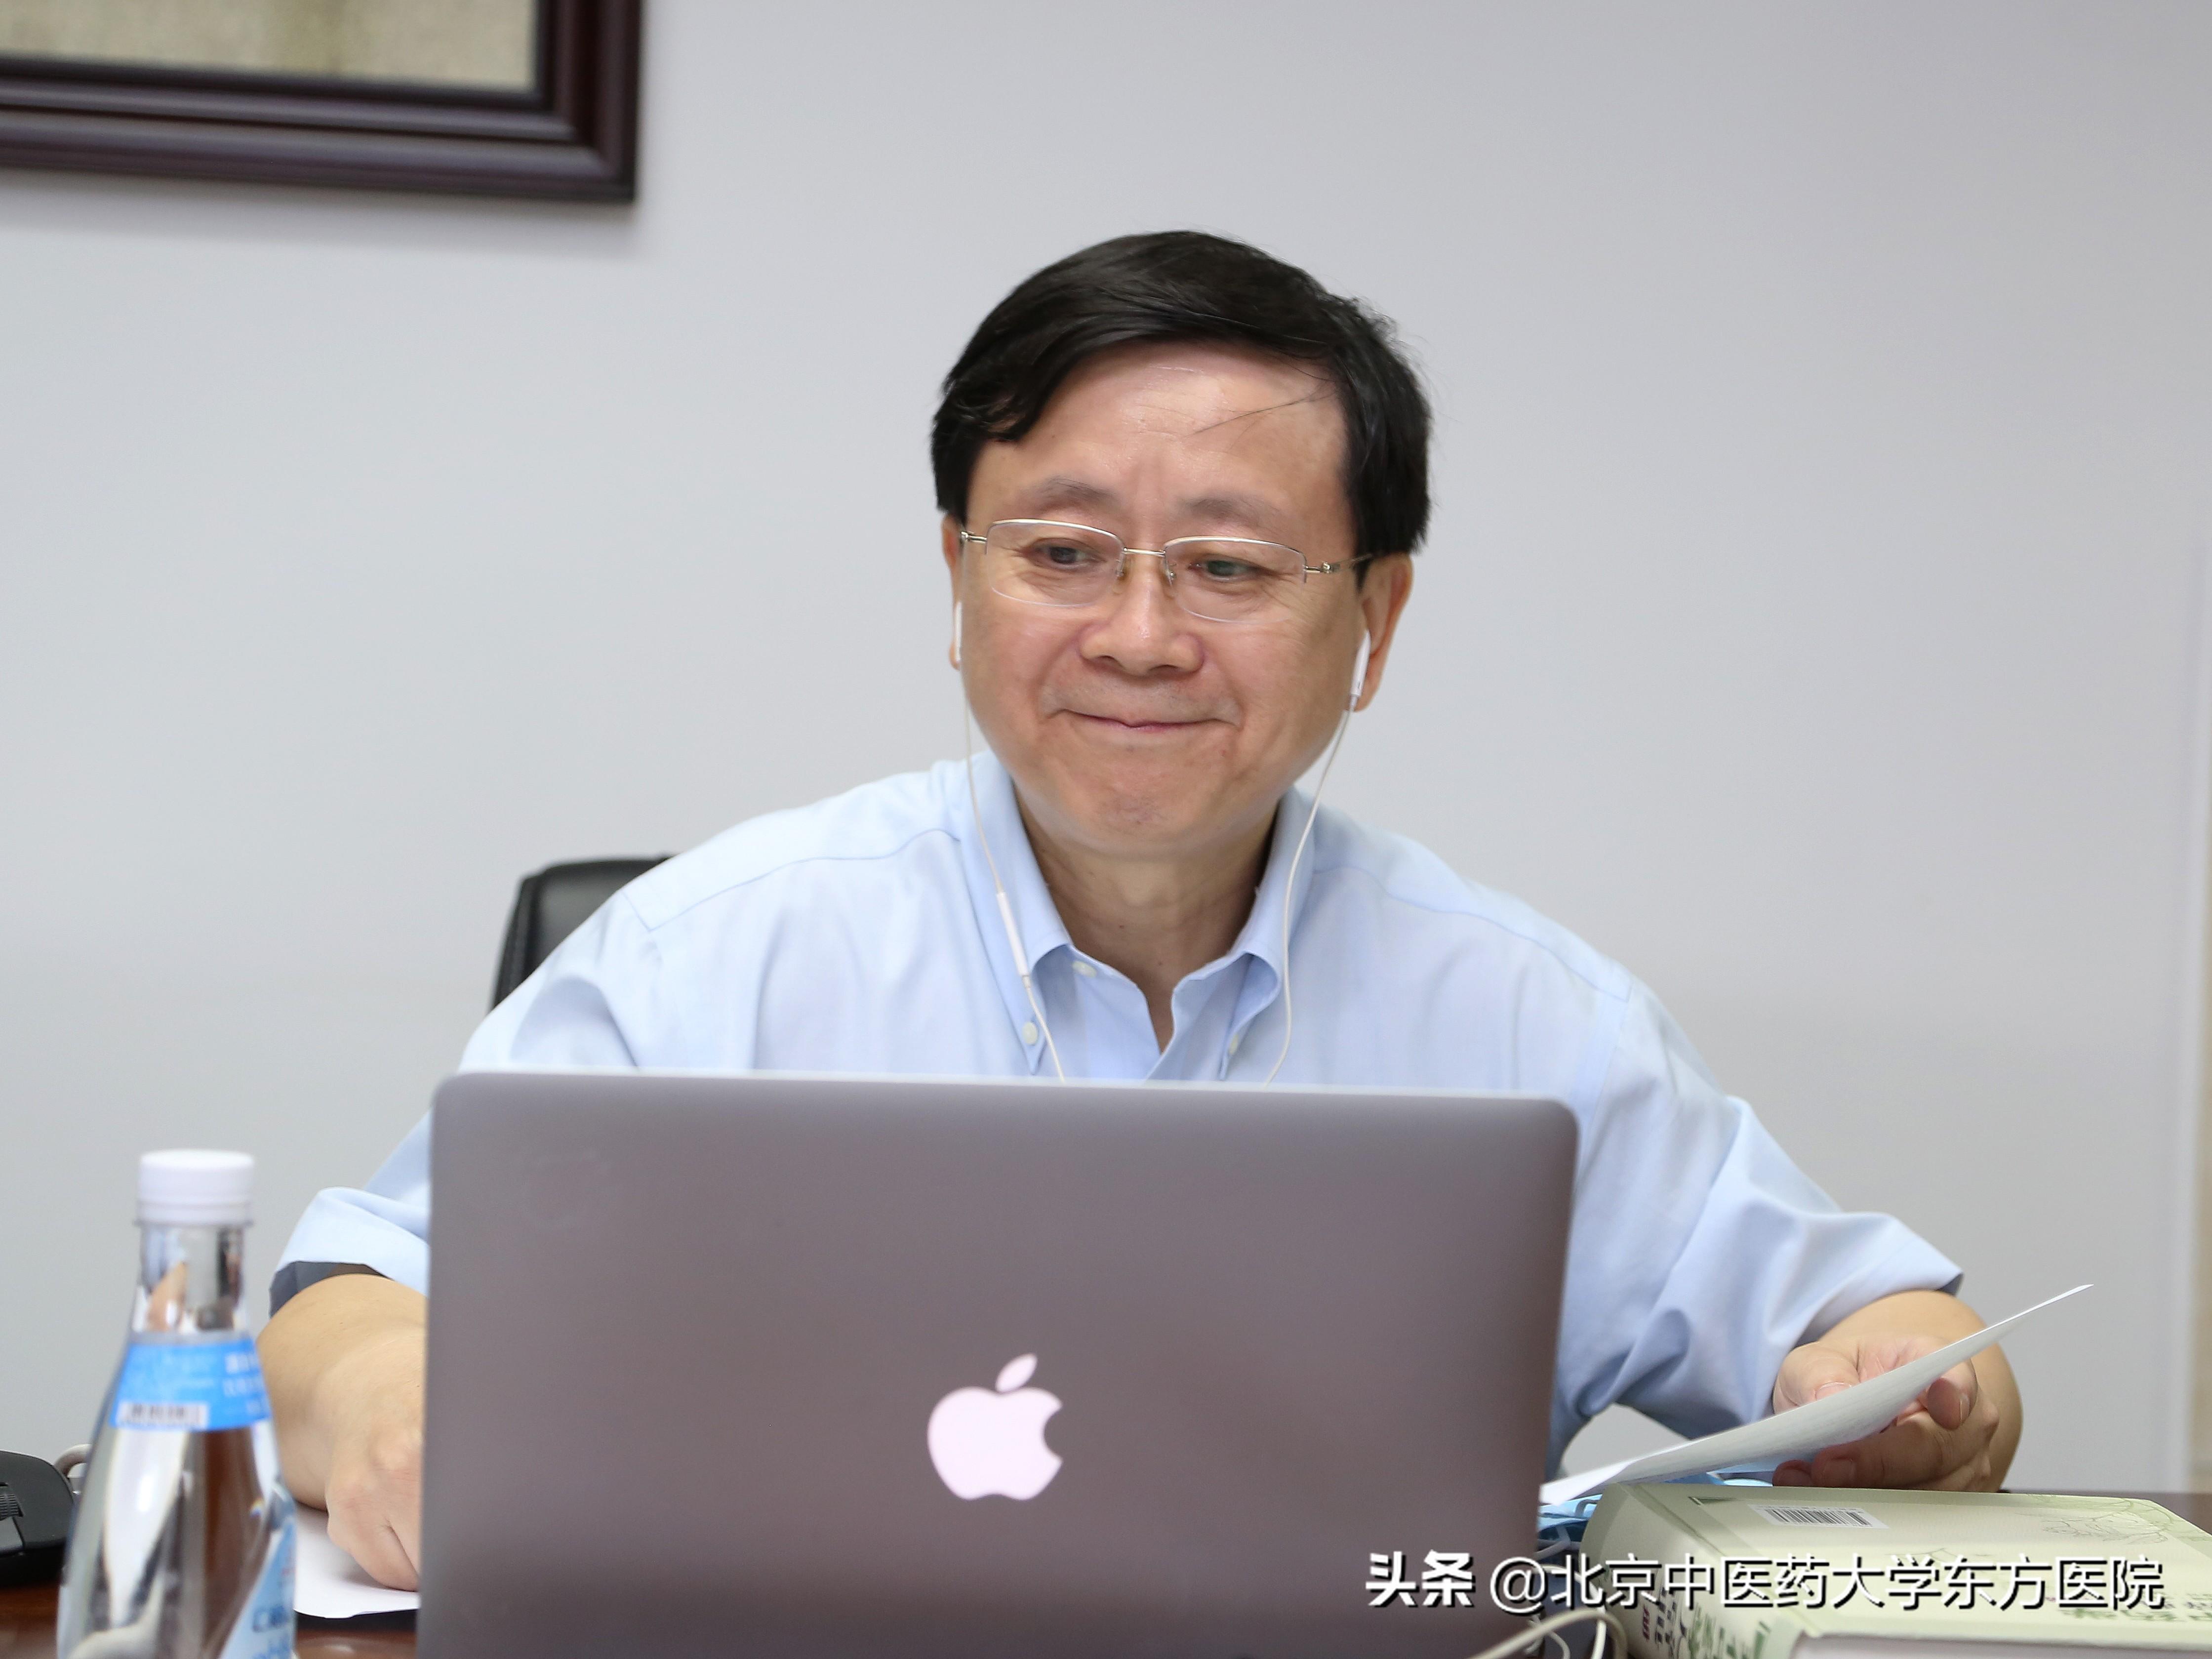 传承创新中医理论 引领双心医学模式